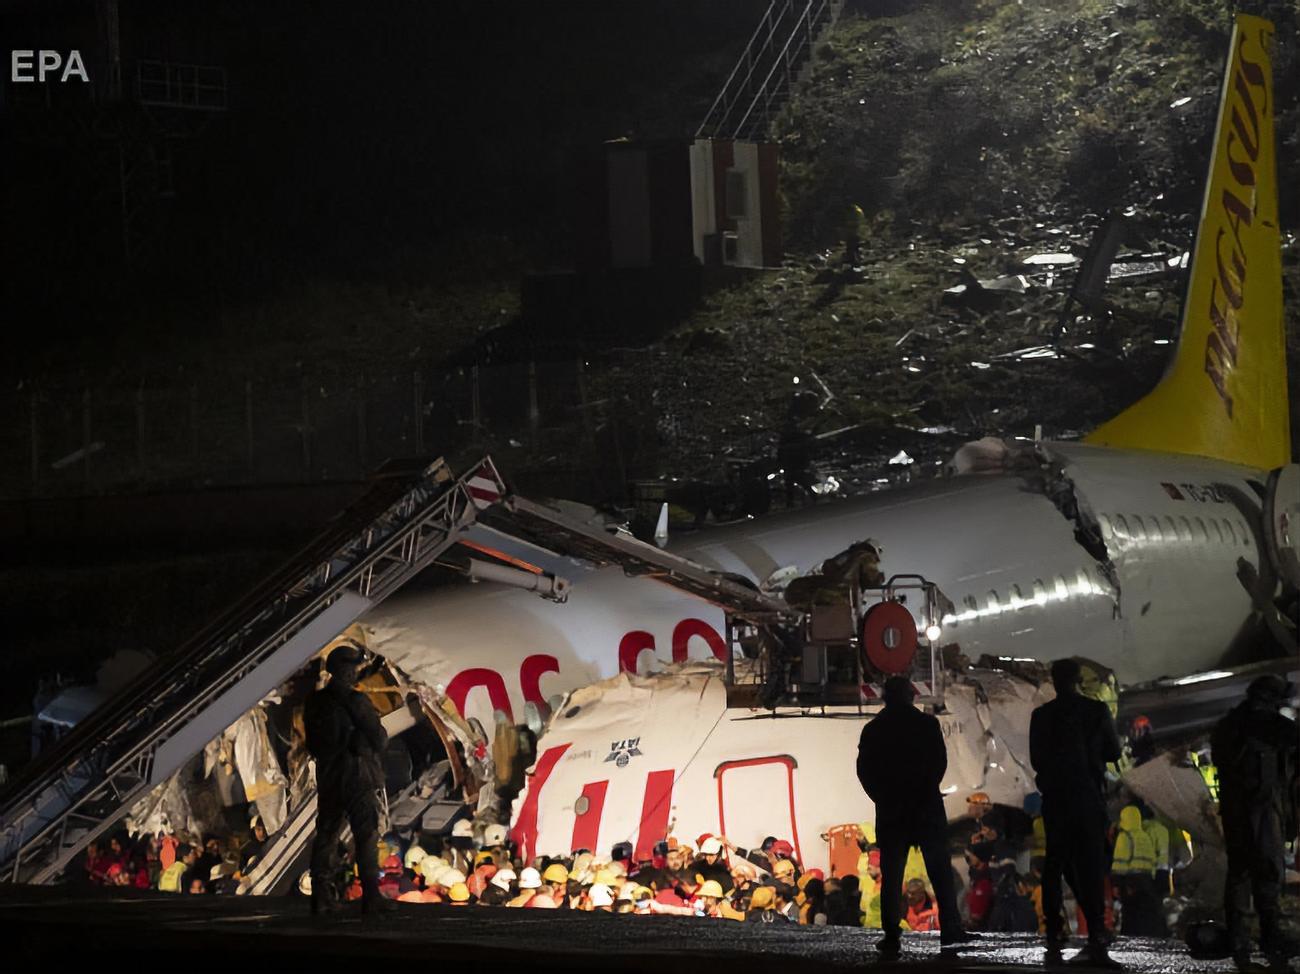 лица фото людей с борта упавшего самолета самом деле балуев